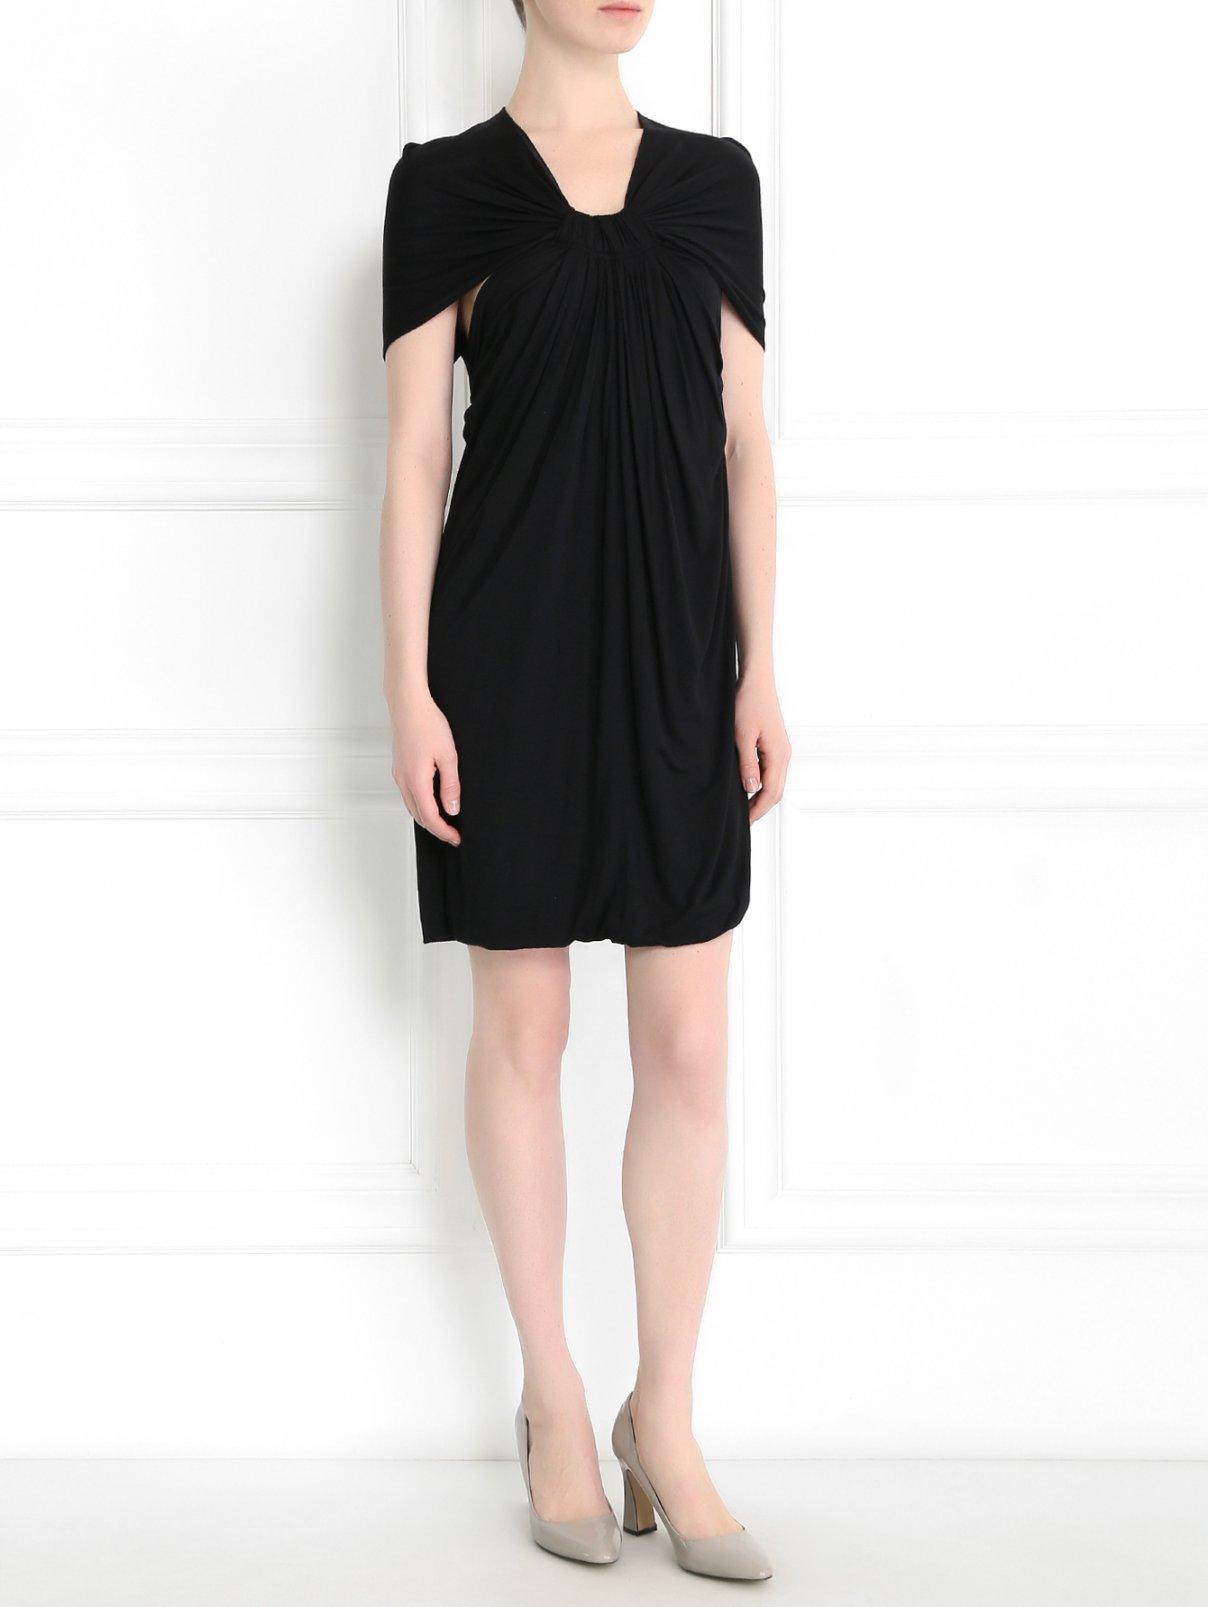 Трикотажное платье с вырезом на спине Cut 25  –  Модель Общий вид